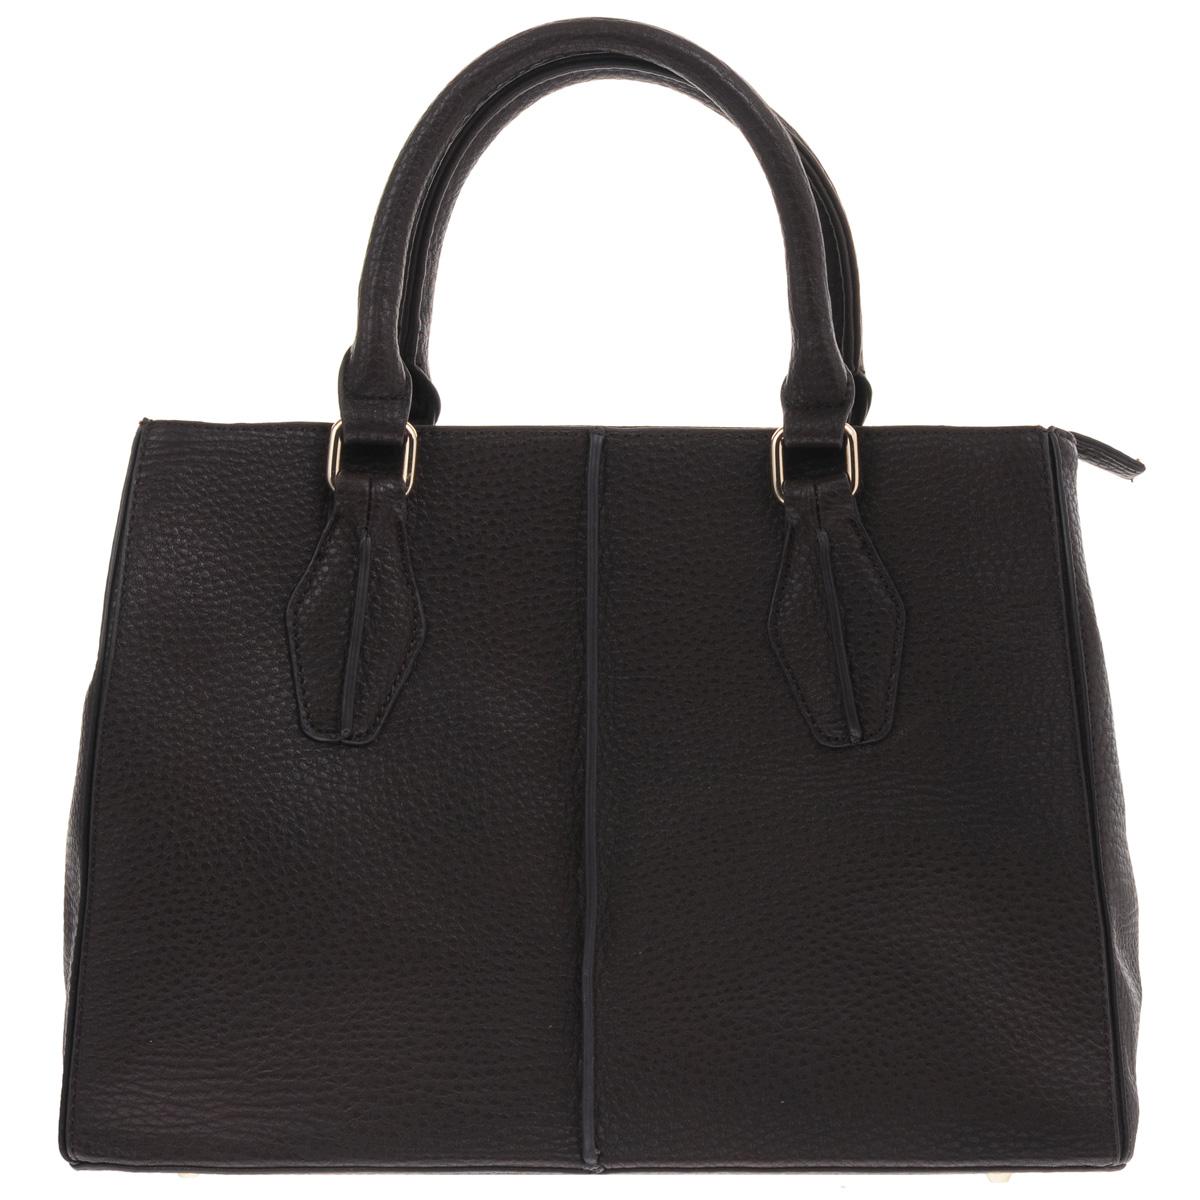 Сумка женская Renee Kler, цвет: коричневый. RK269RK269-03Лаконичная женская сумка Renee Kler изготовлена из искусственной кожи и оформлена декоративными внешними швами. Изделие закрывается на застежку-молнию. Внутри - одно вместительное отделение, разделенное средником на молнии, два накладных кармана для мелочей и мобильного телефона и врезной карман на застежке-молнии. На тыльной стороне расположен карман на молнии. Дно оснащено металлическими ножками. Длинный съемный ремень идет в комплекте с сумкой. Изделие упаковано в фирменный чехол. Классическая сумка отлично дополнит деловой образ, а также подчеркнет ваш отменный вкус.